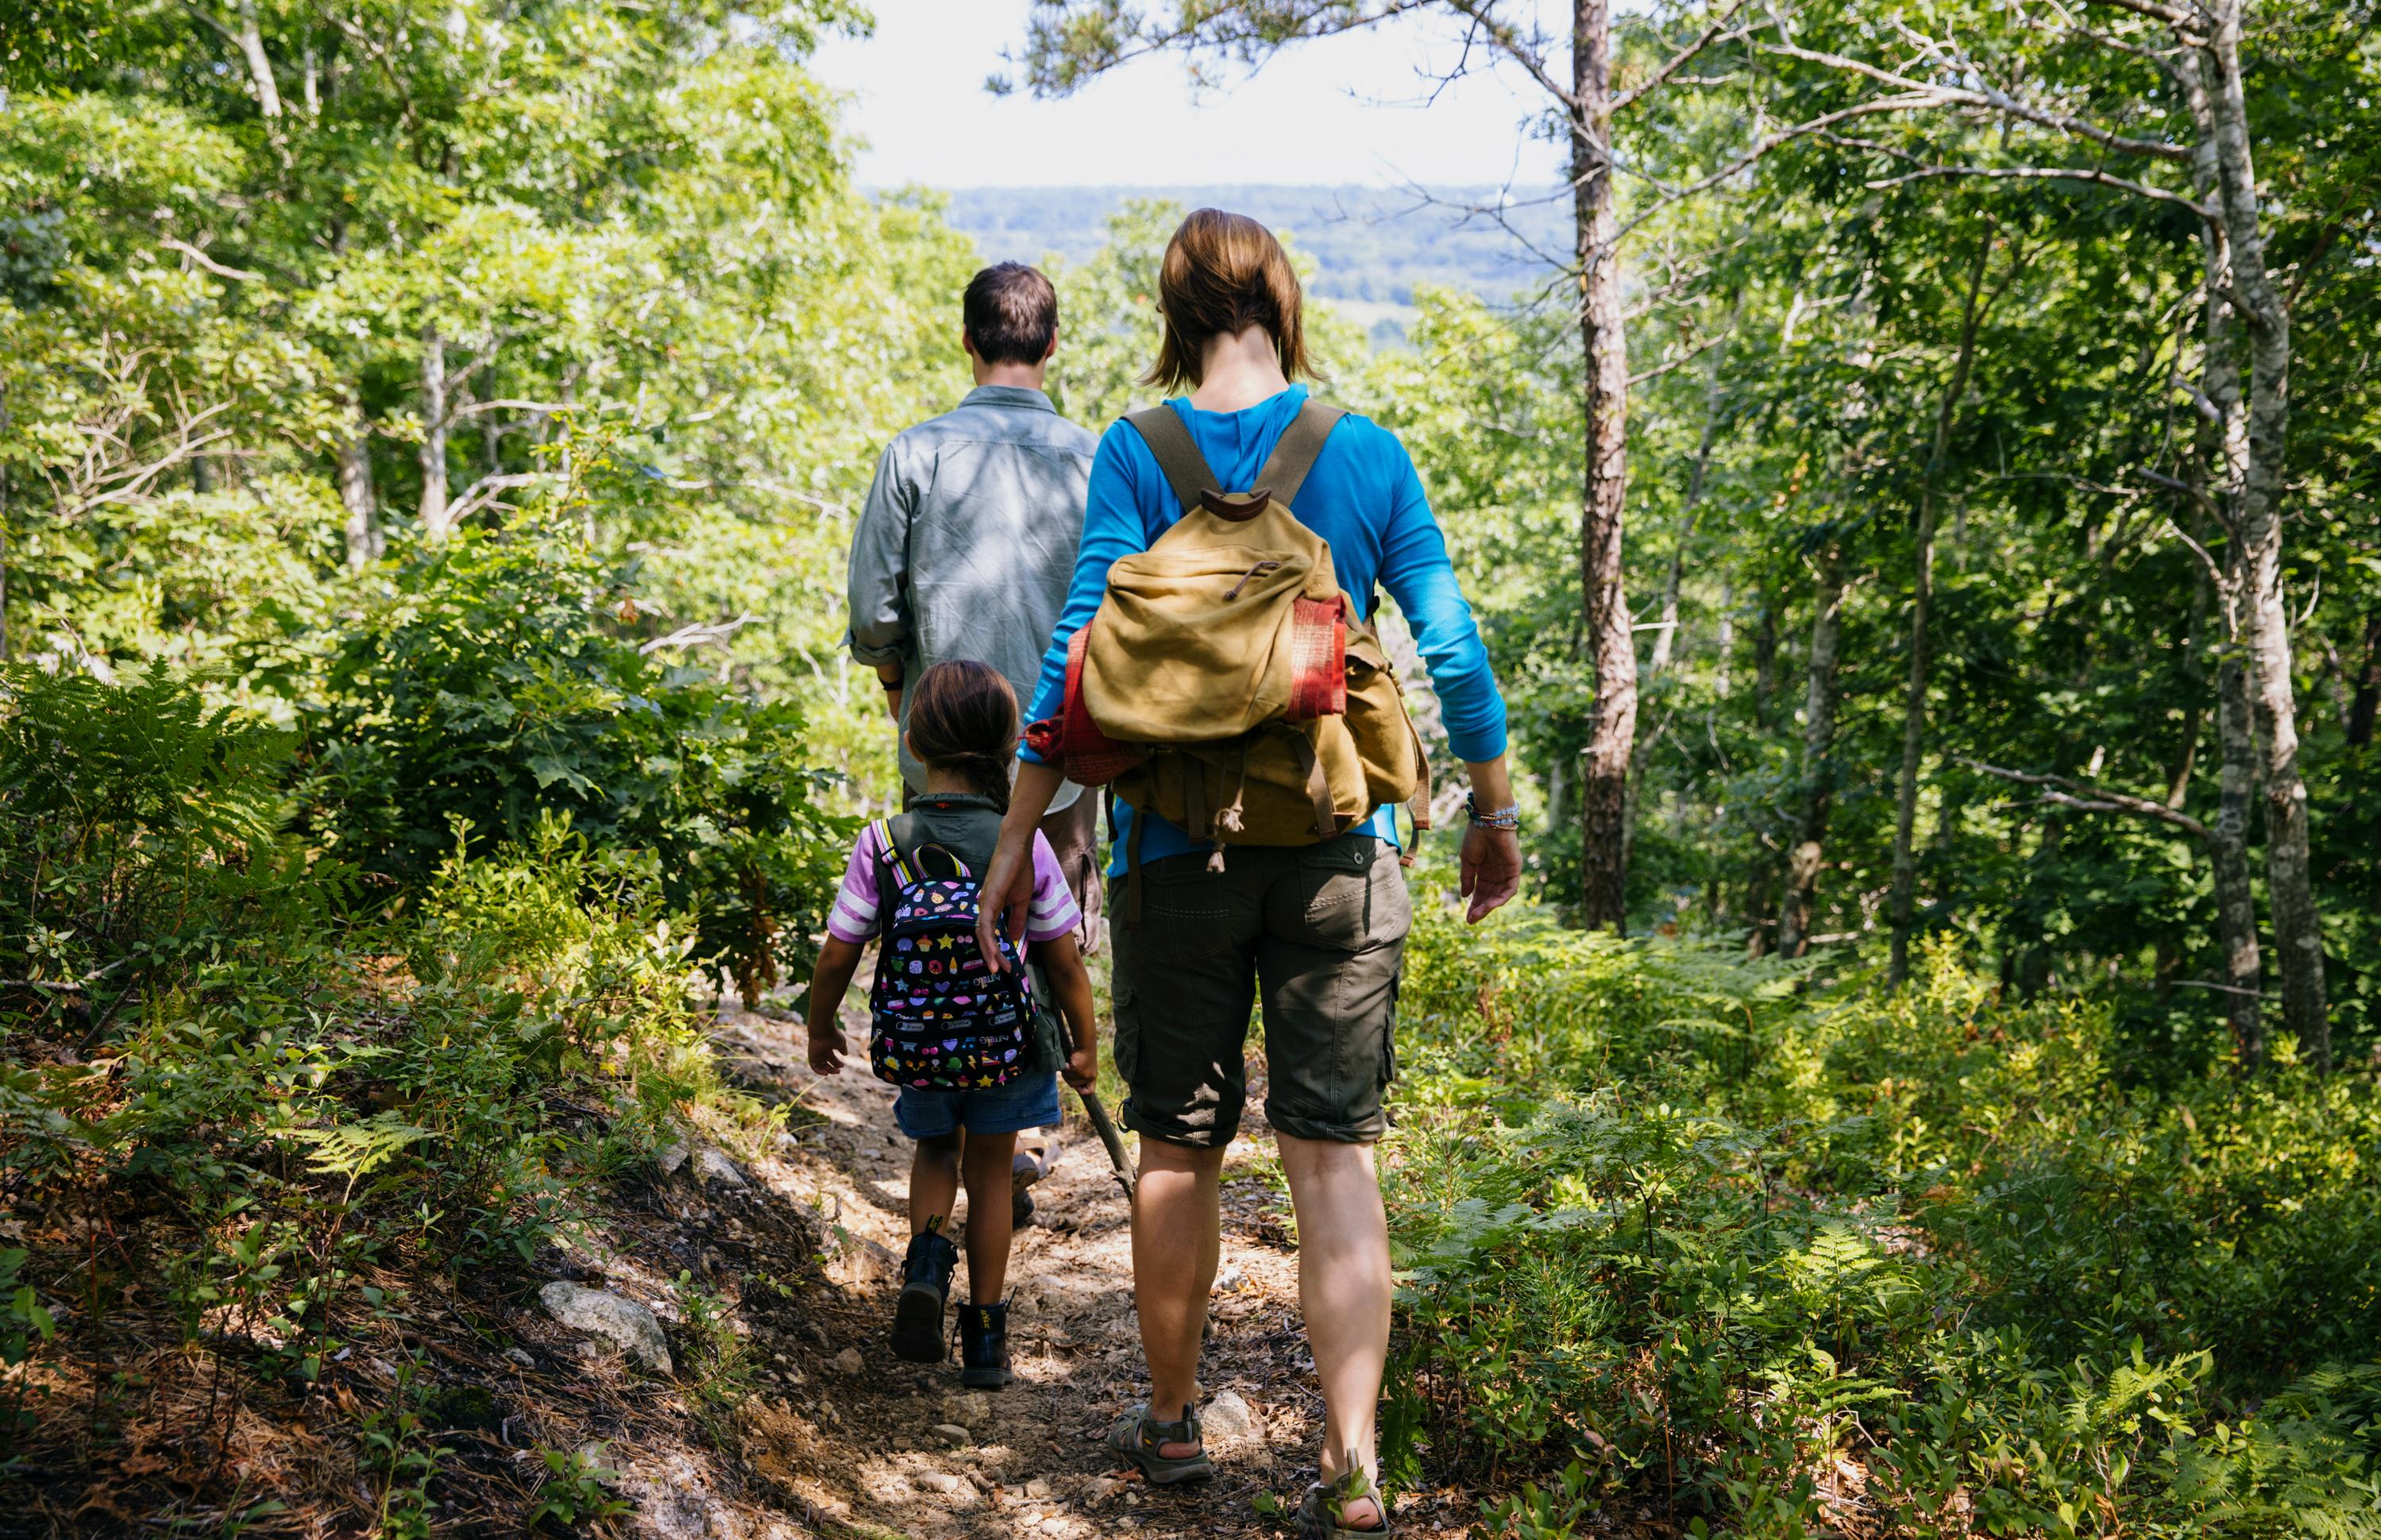 Hiking on The Ridge